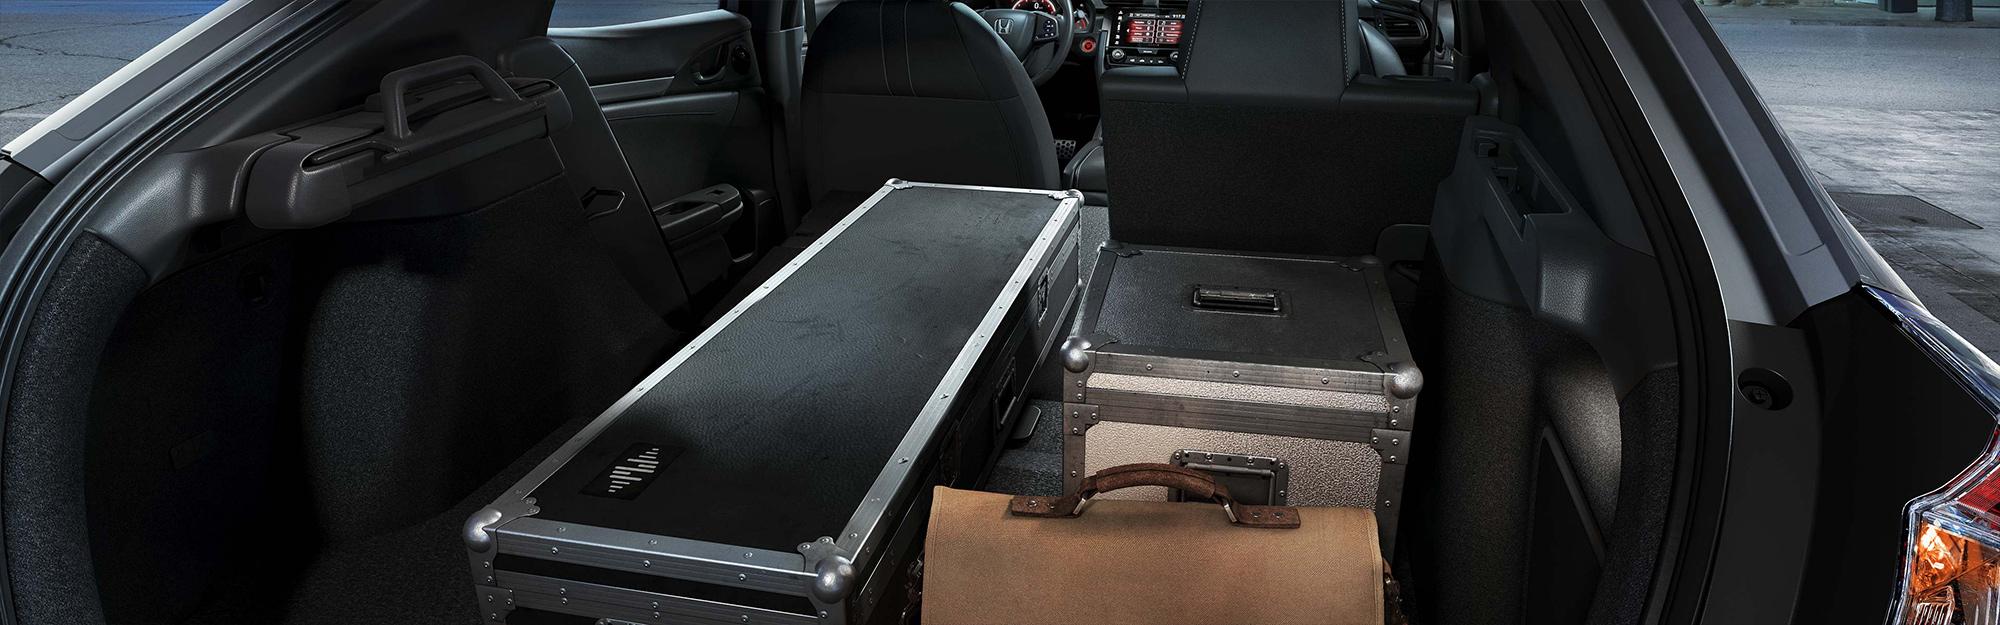 hb-cargo